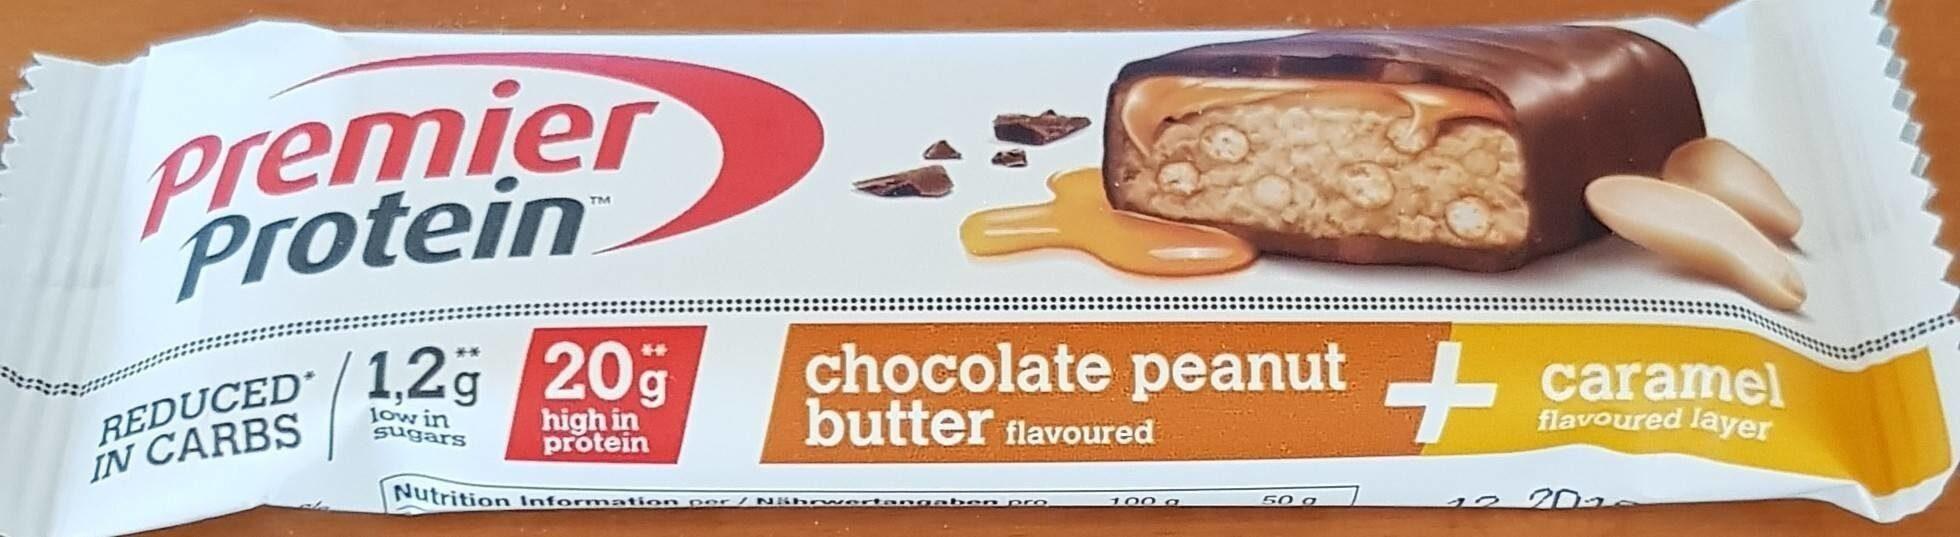 Chocolate peanut butter and caramel - Produit - de